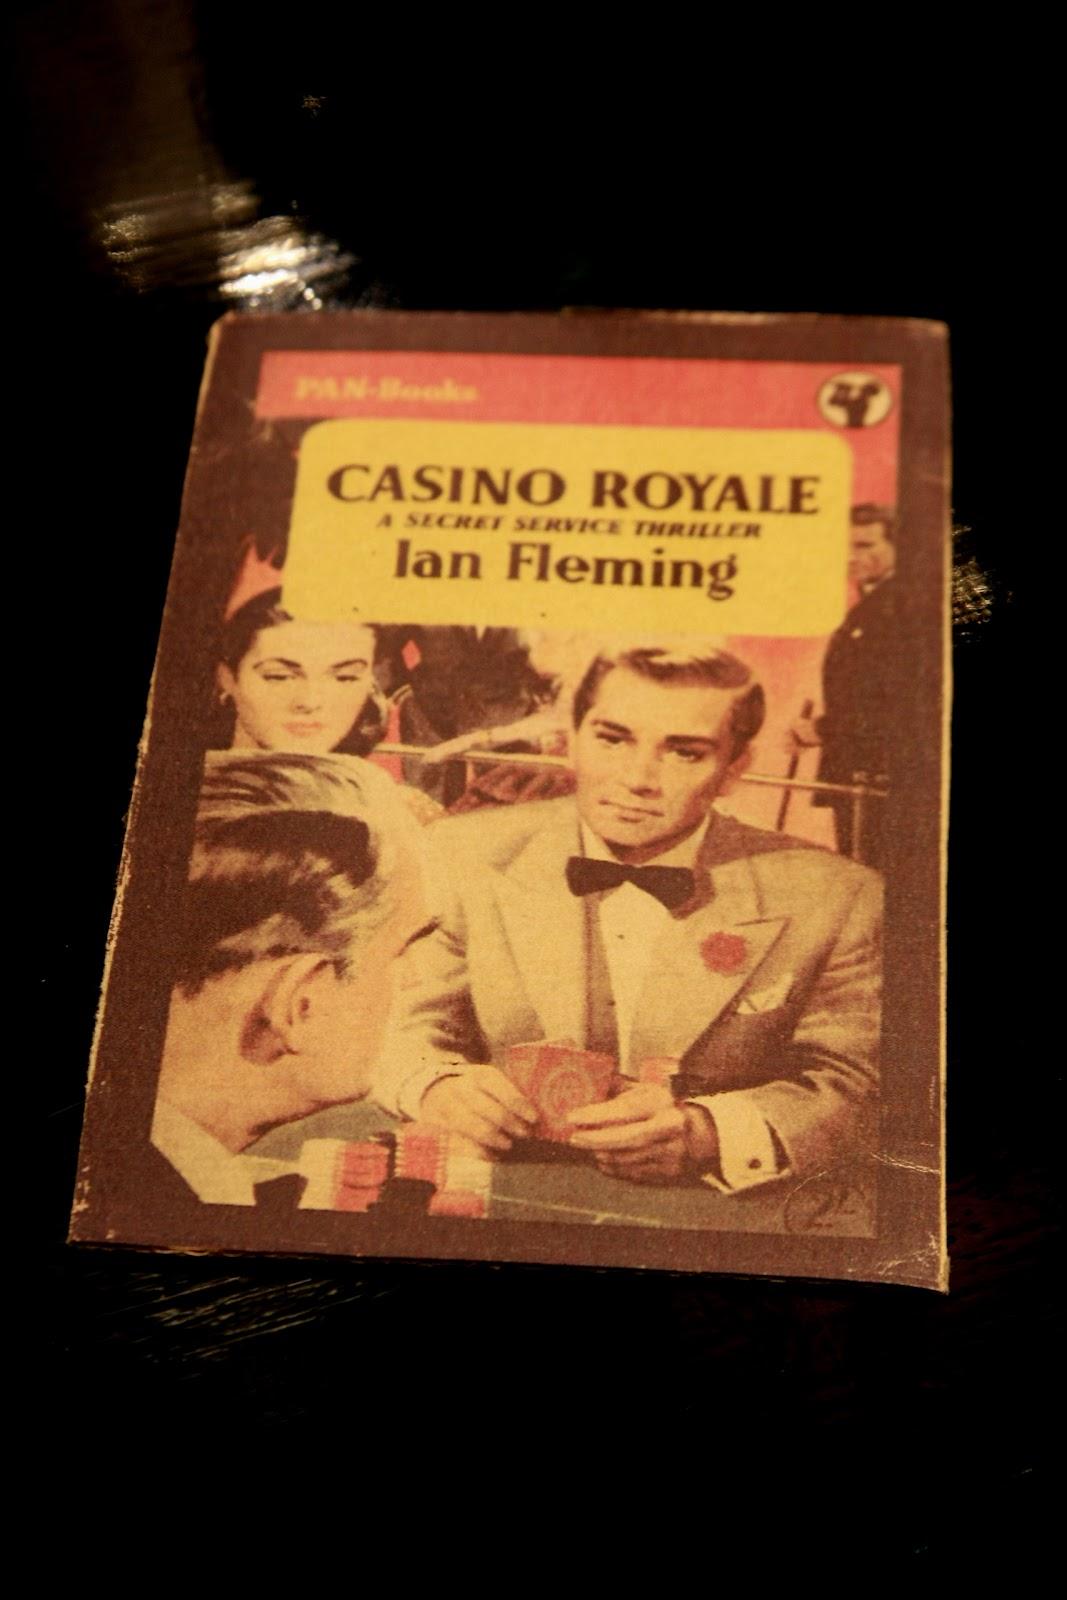 Гараж игровые бесплатно покер агнет автоматы риск